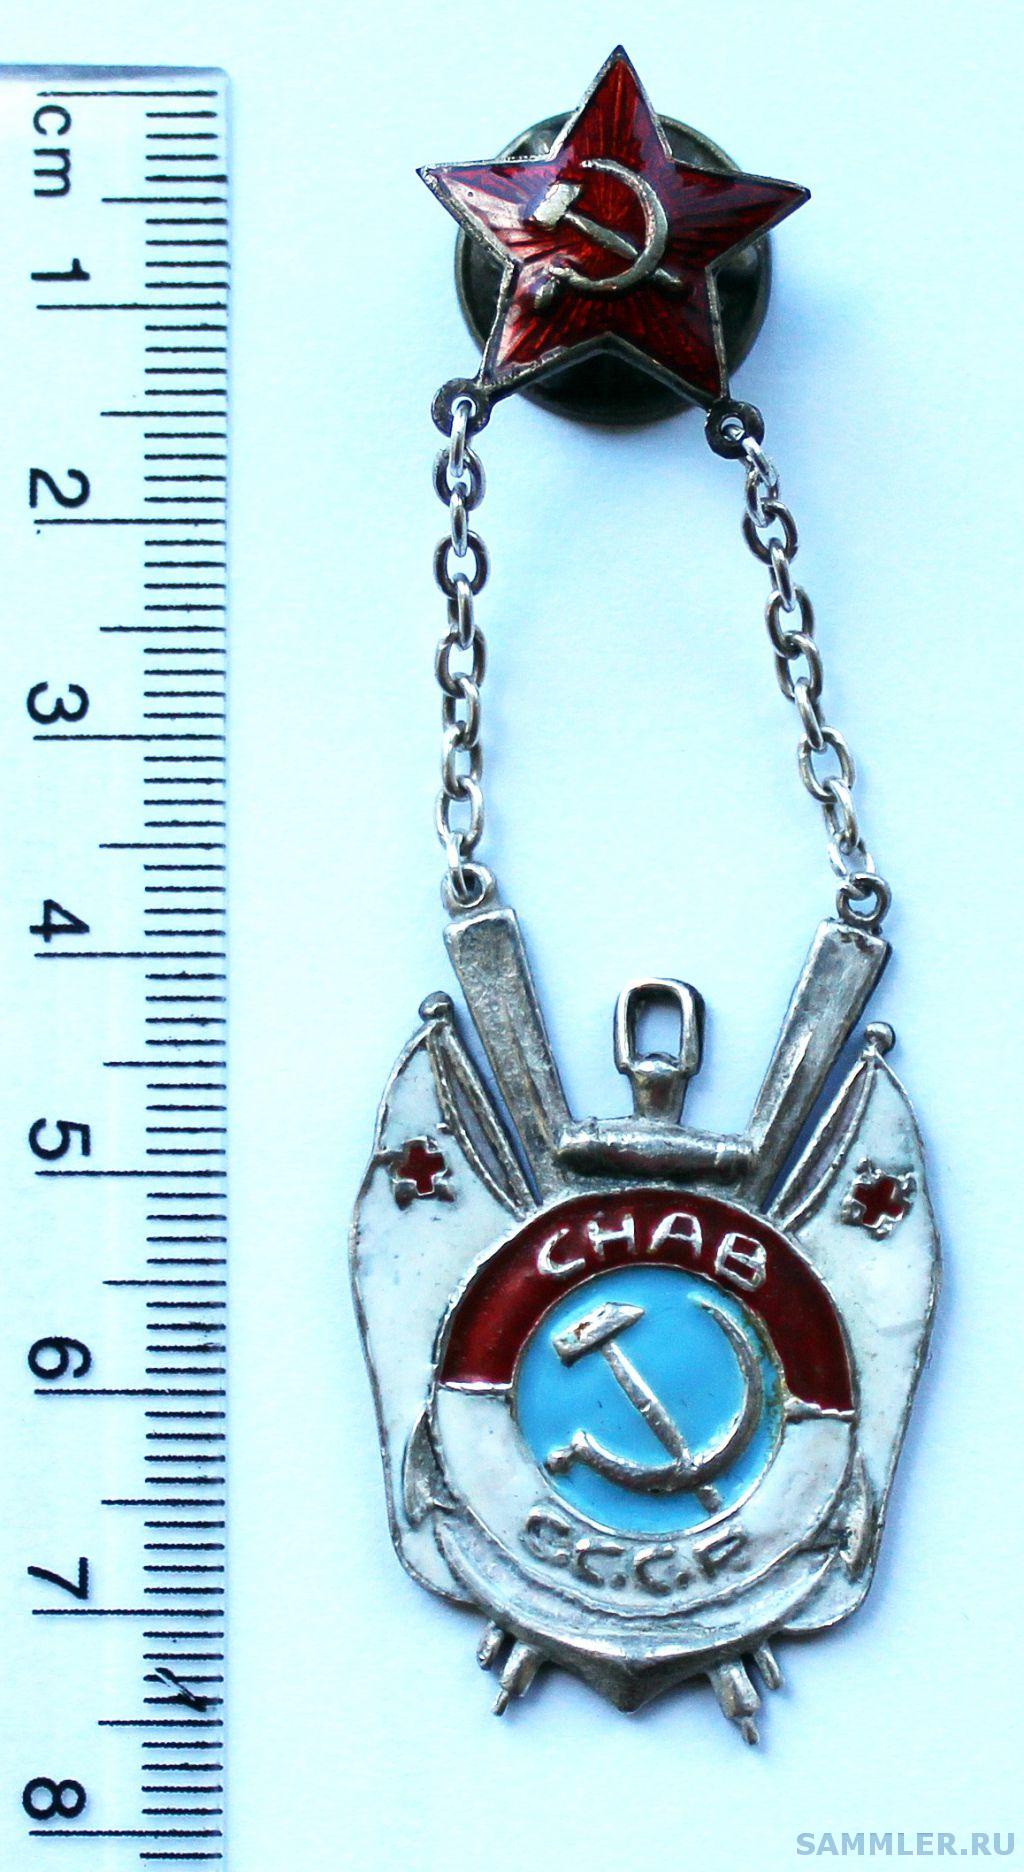 знак ОСНАВ - Общество спасения на Водах - 1920-е гг_7.png